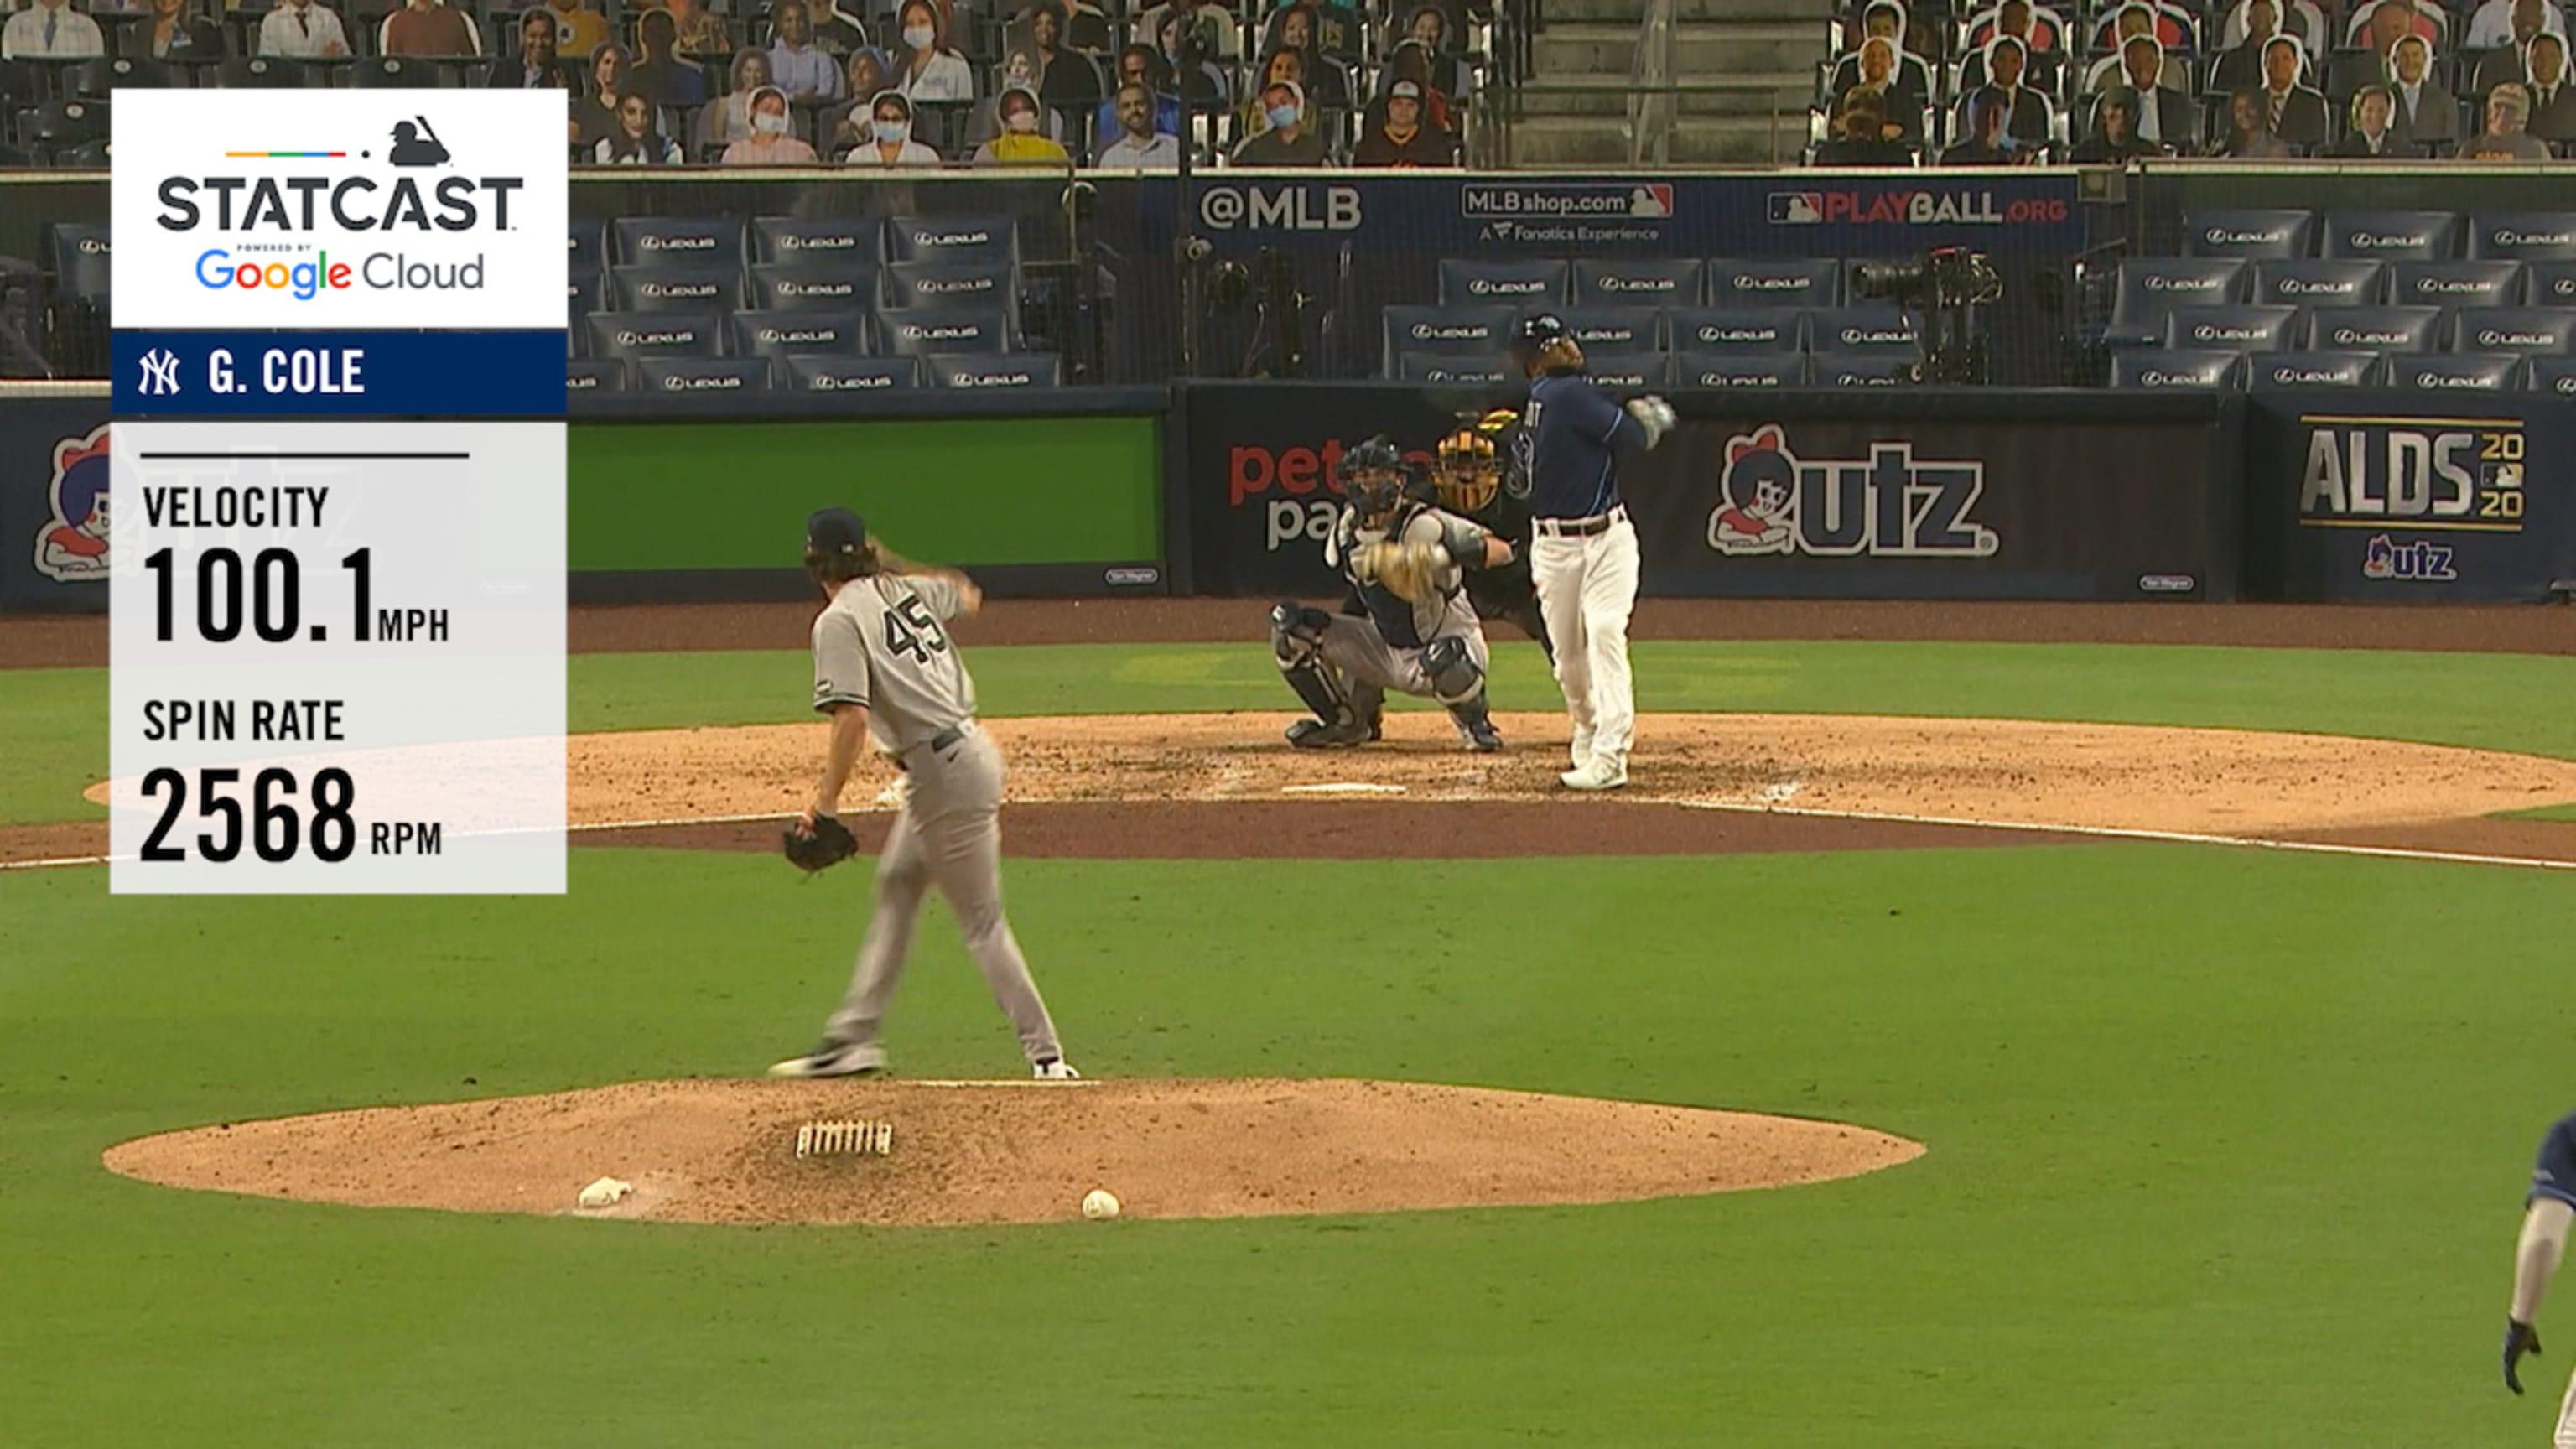 Gerrit Cole's 100.1-mph strikeout